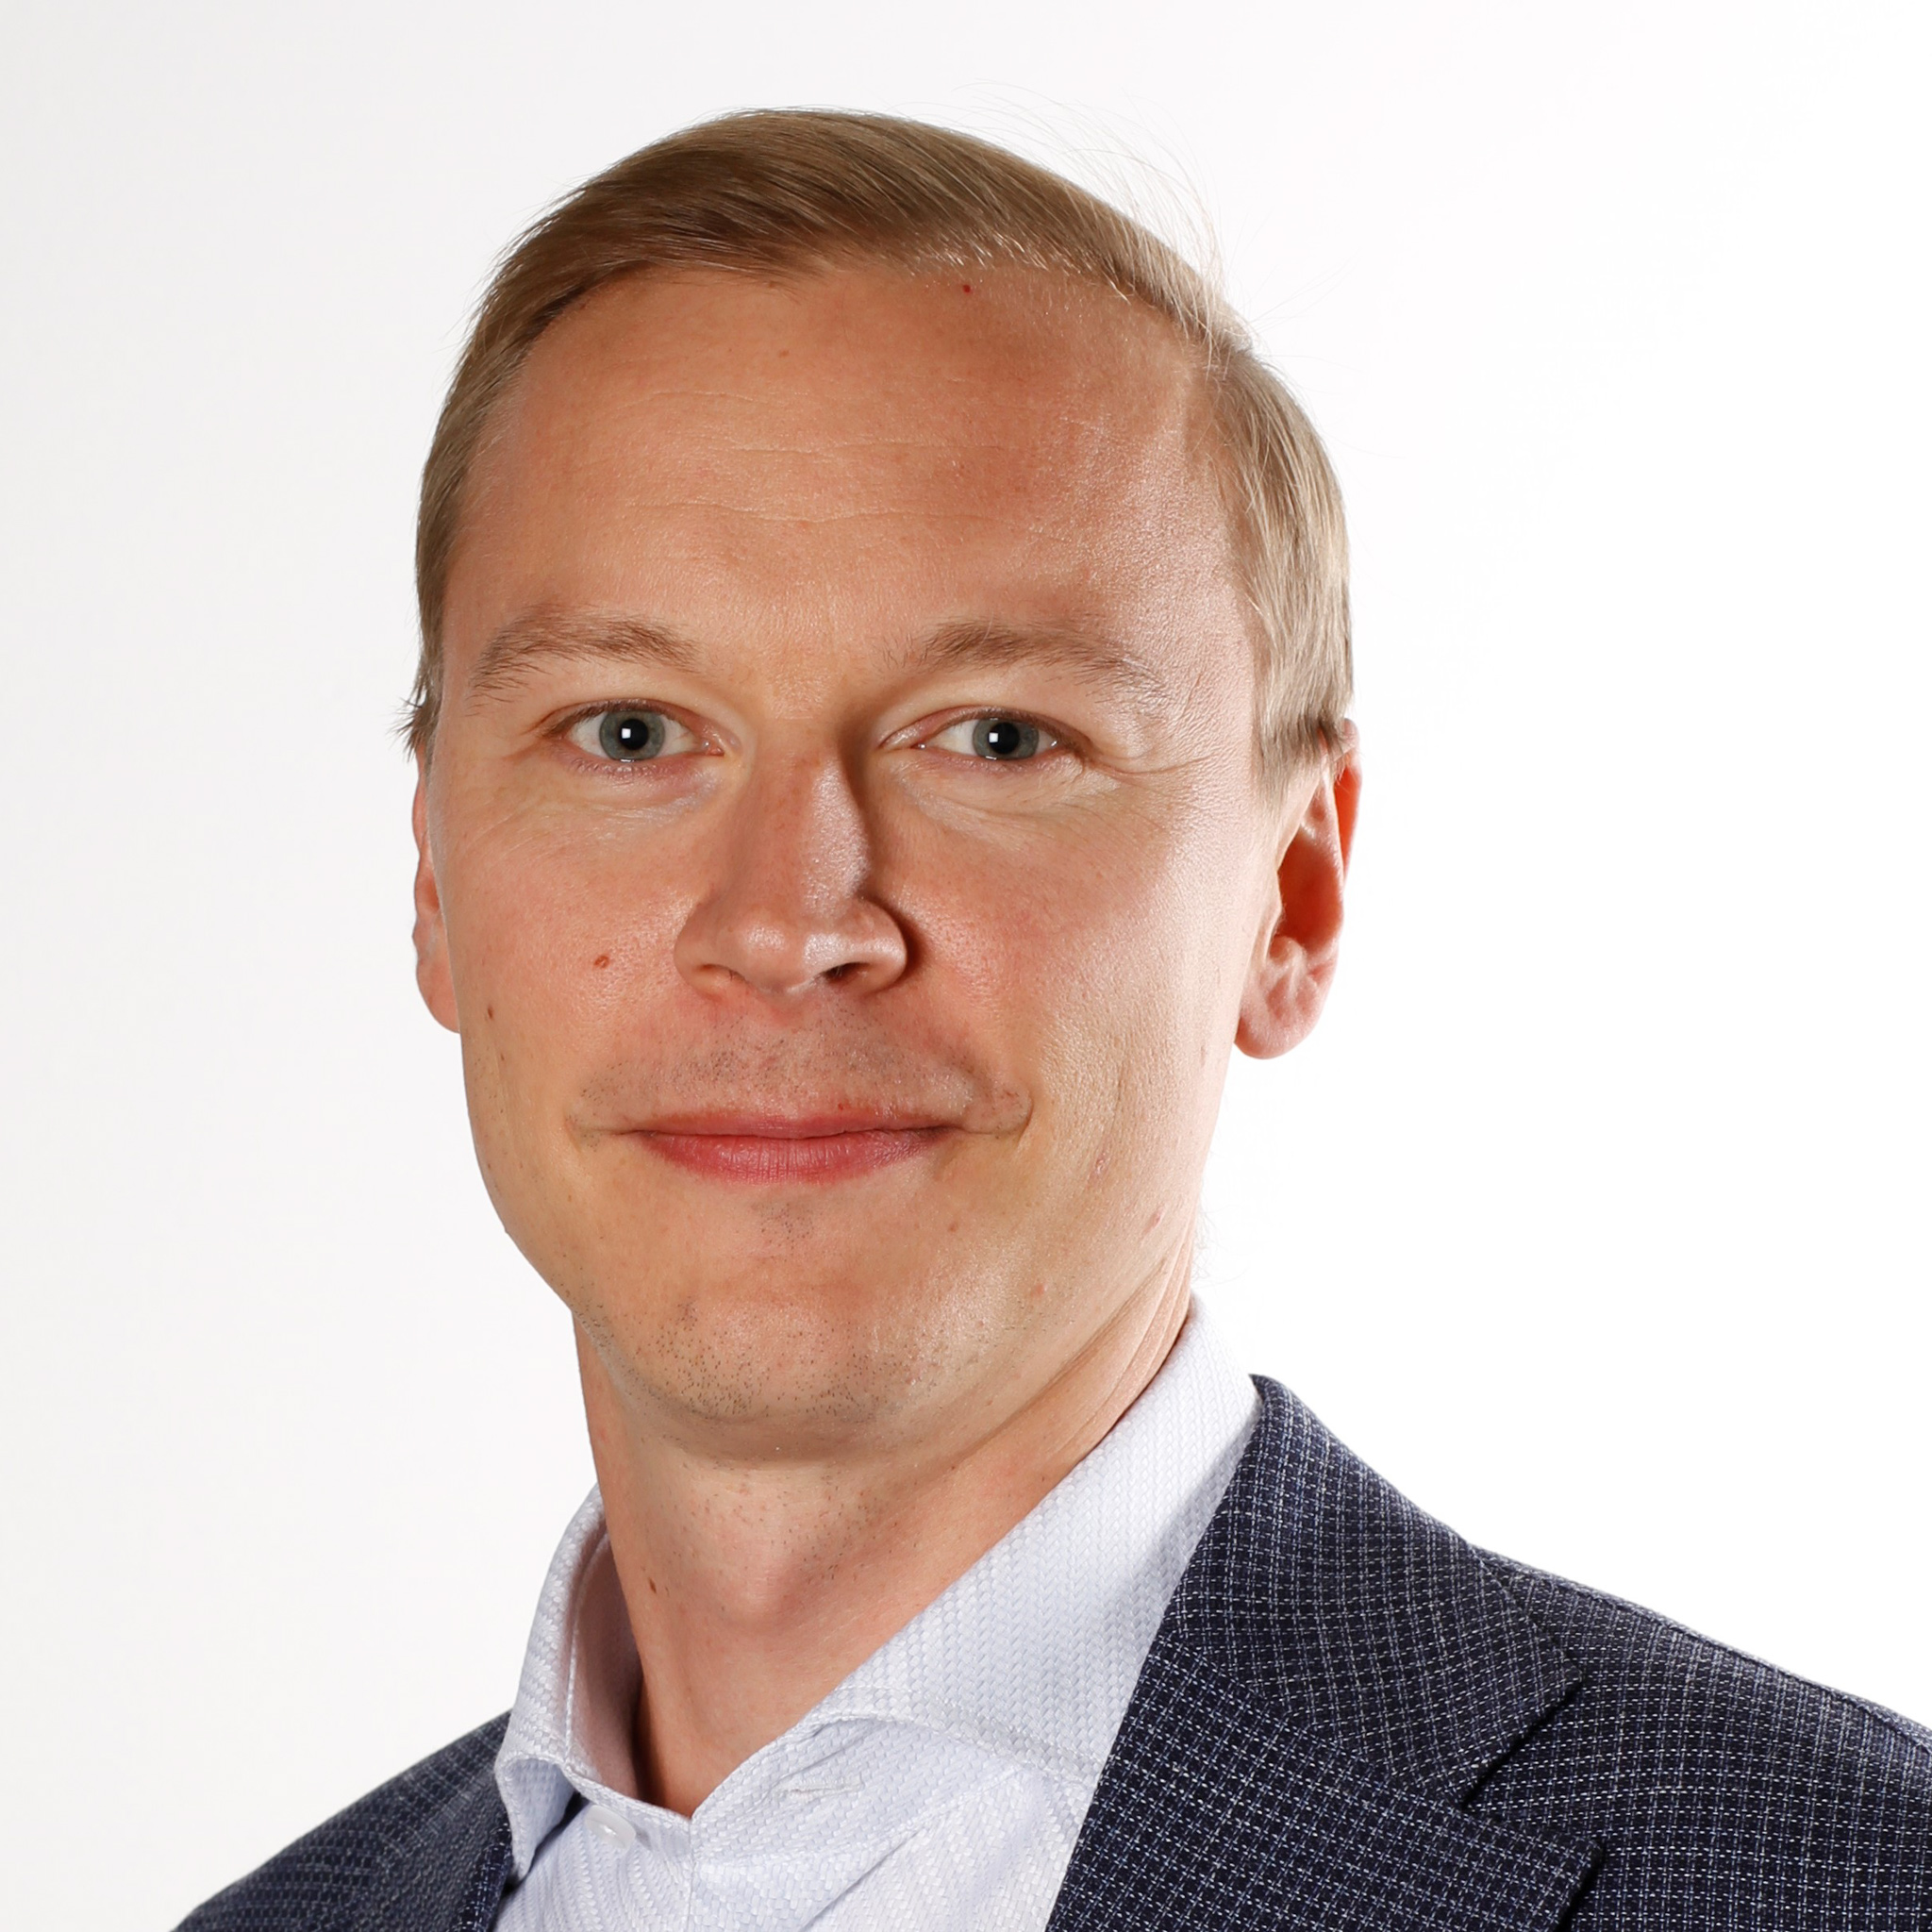 Heikki Hirvensalo